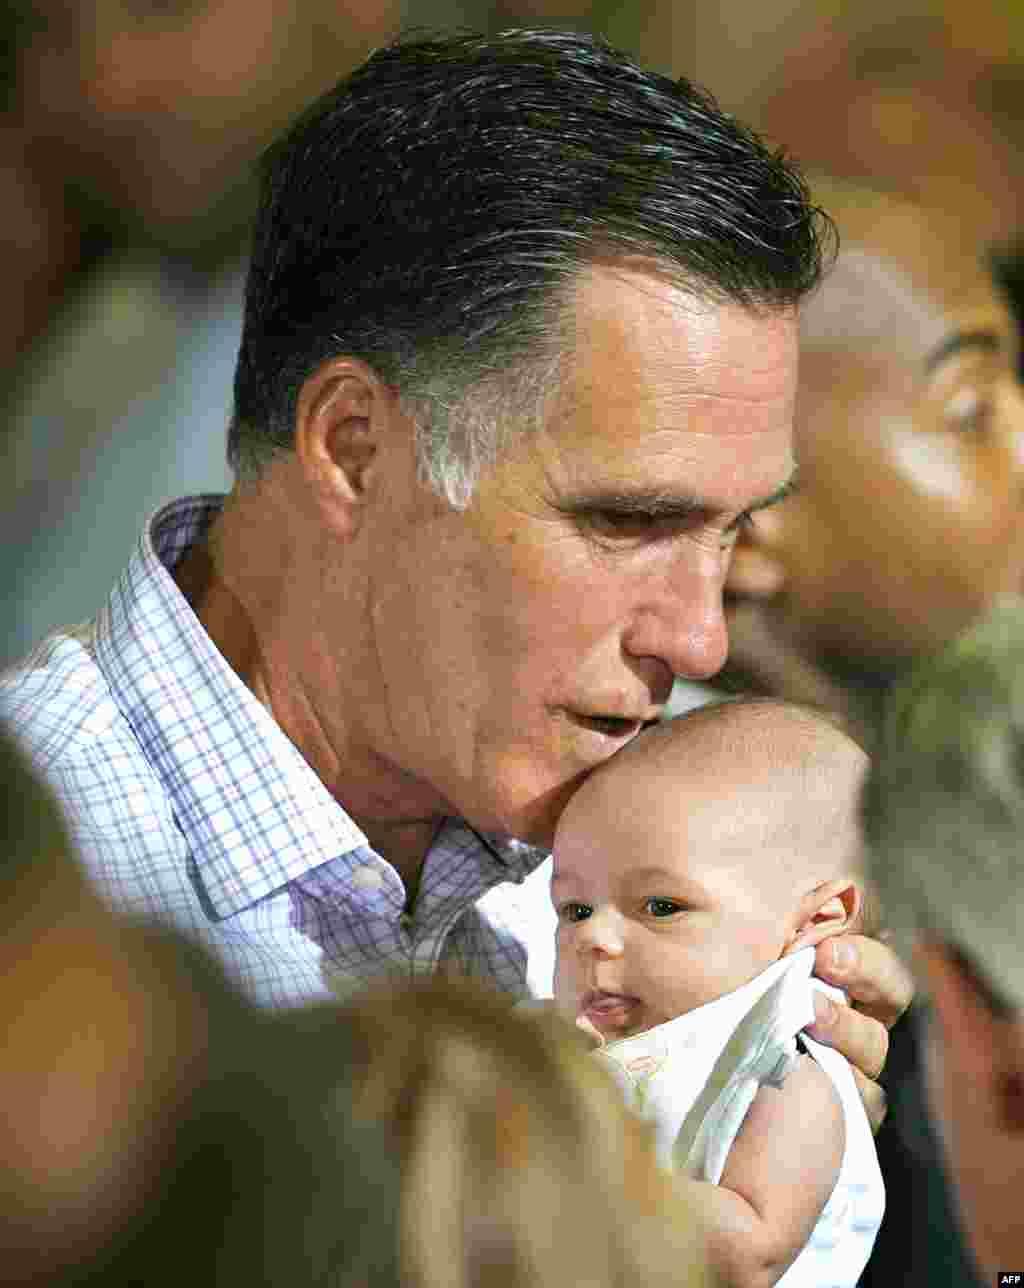 Ромни целует ребёнка, переданного ему из толпы, после своего выступления по вопросам экономики в Ирвине, штат Пенсильвания